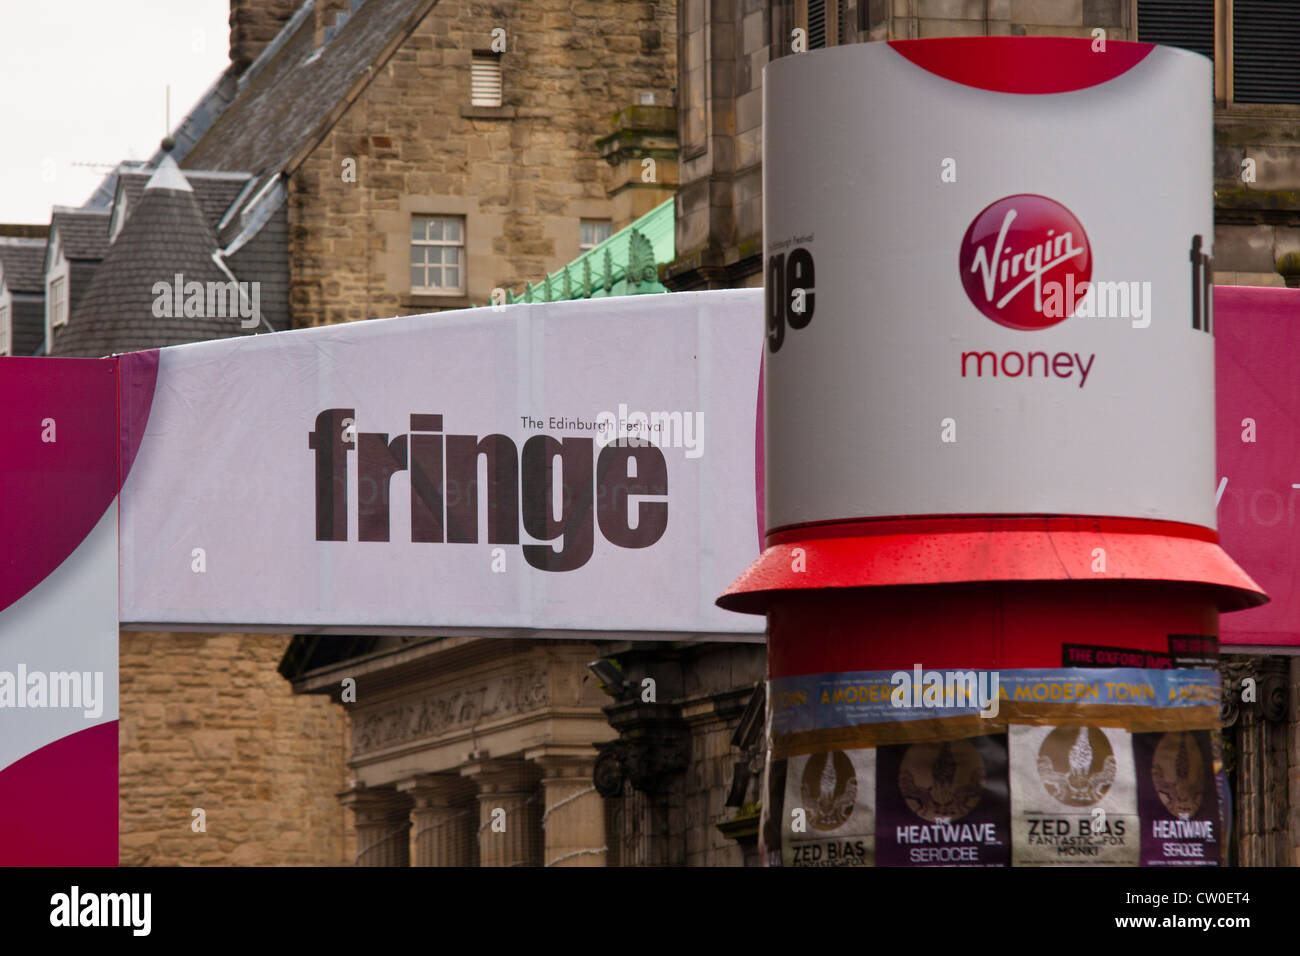 Edinburg Festival Fringe - Stock Image